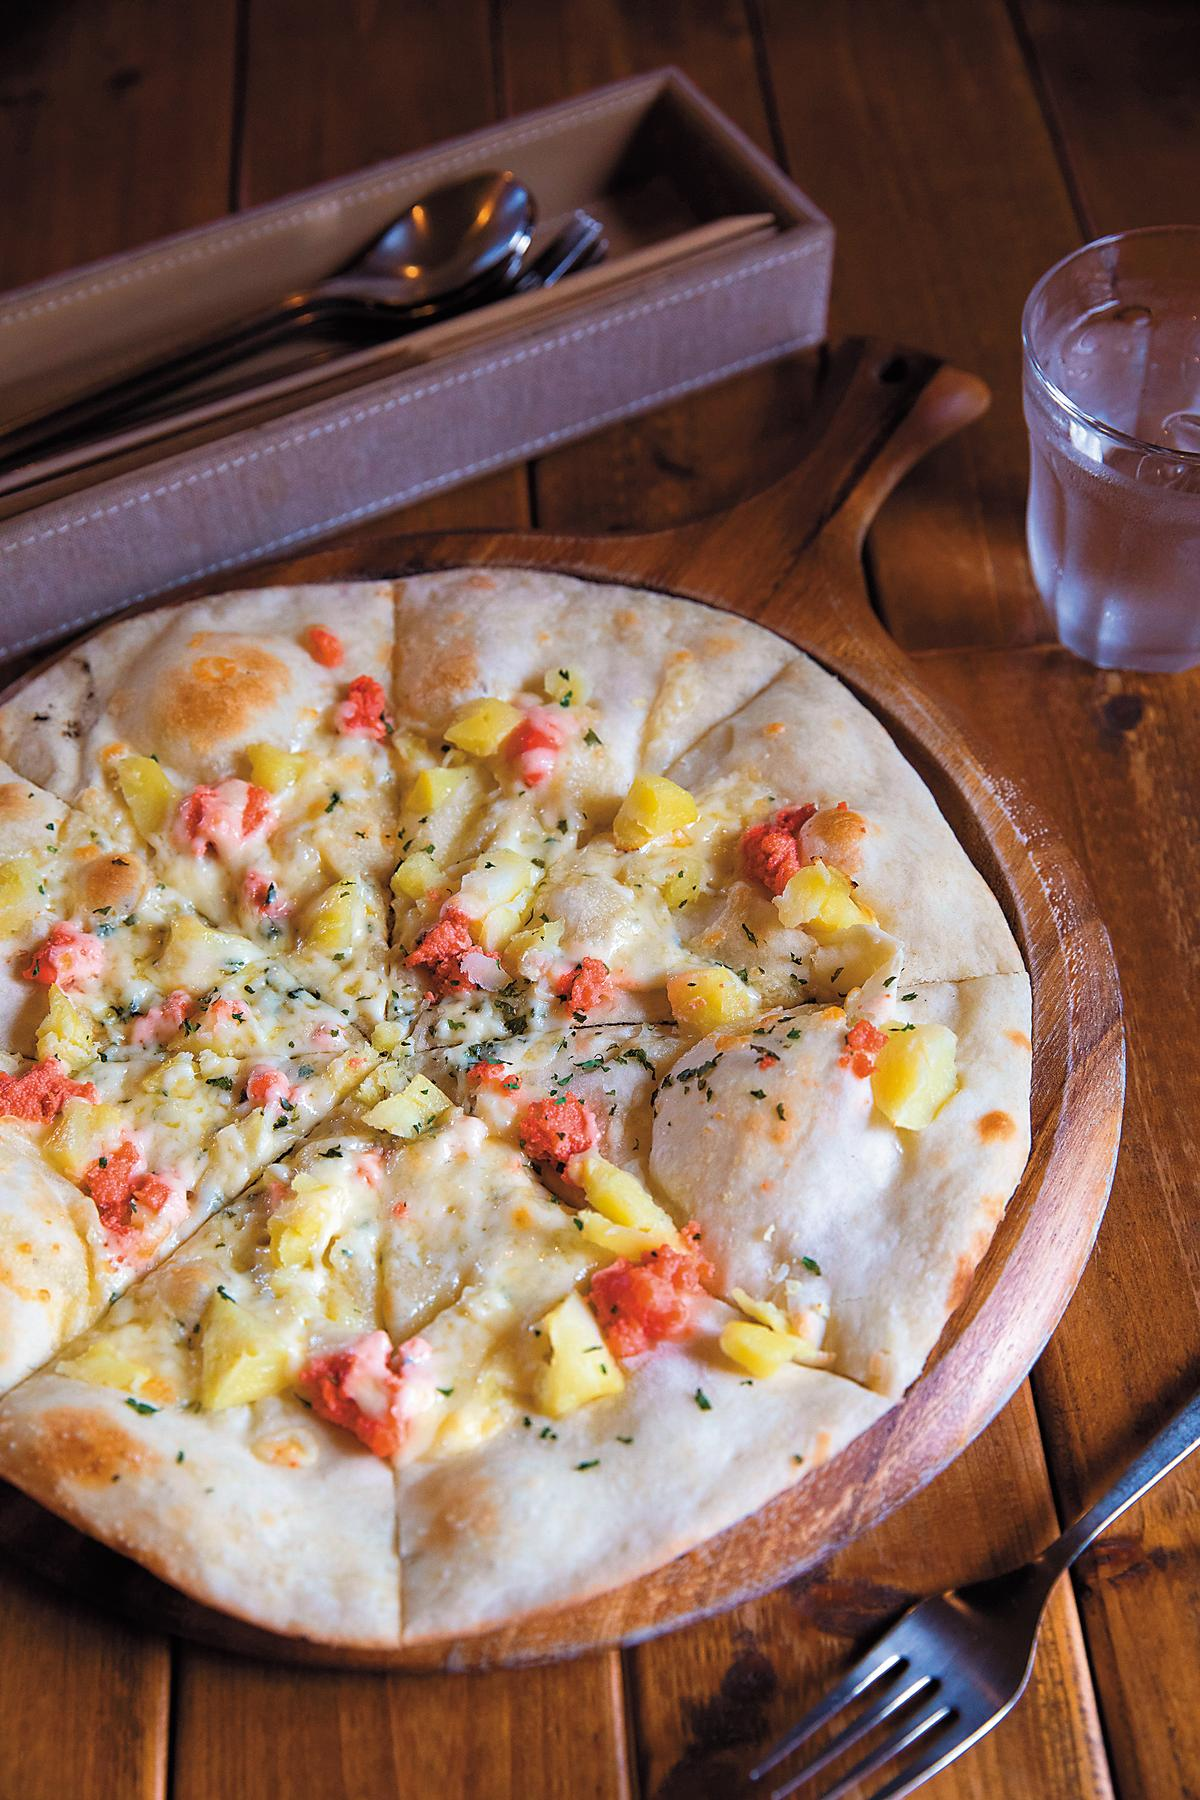 「明太子馬鈴薯披薩」香酥美味,亮點在於當地產的馬鈴薯,教人難忘。(1,100日圓/份,約NT$286)